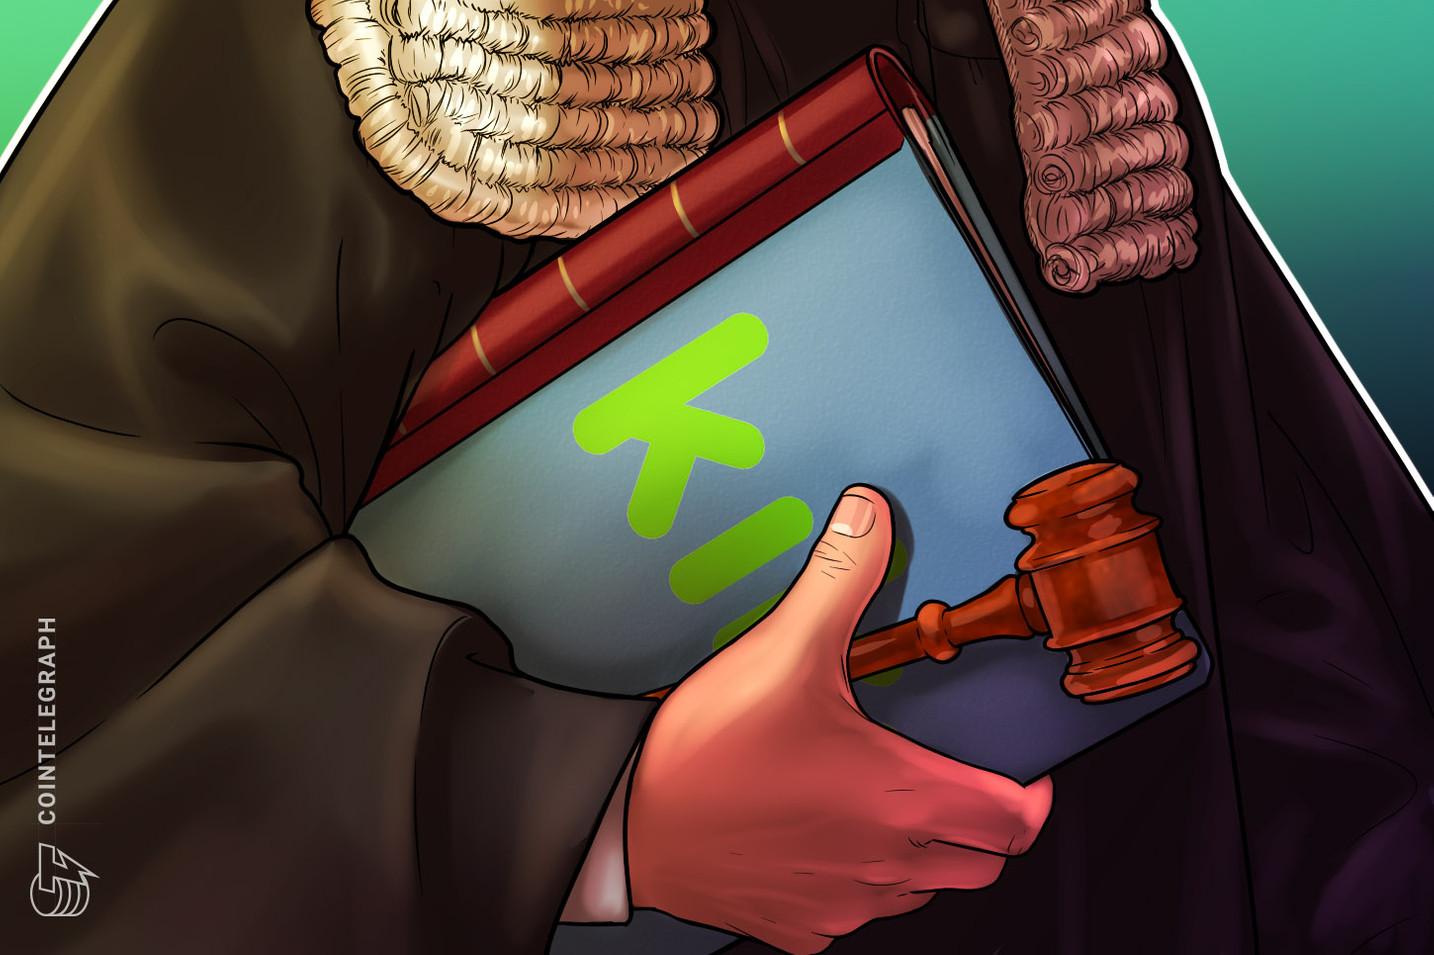 Tanto Kik como la SEC buscan un juicio sumario en el caso de la ICO de 100 millones de dólares